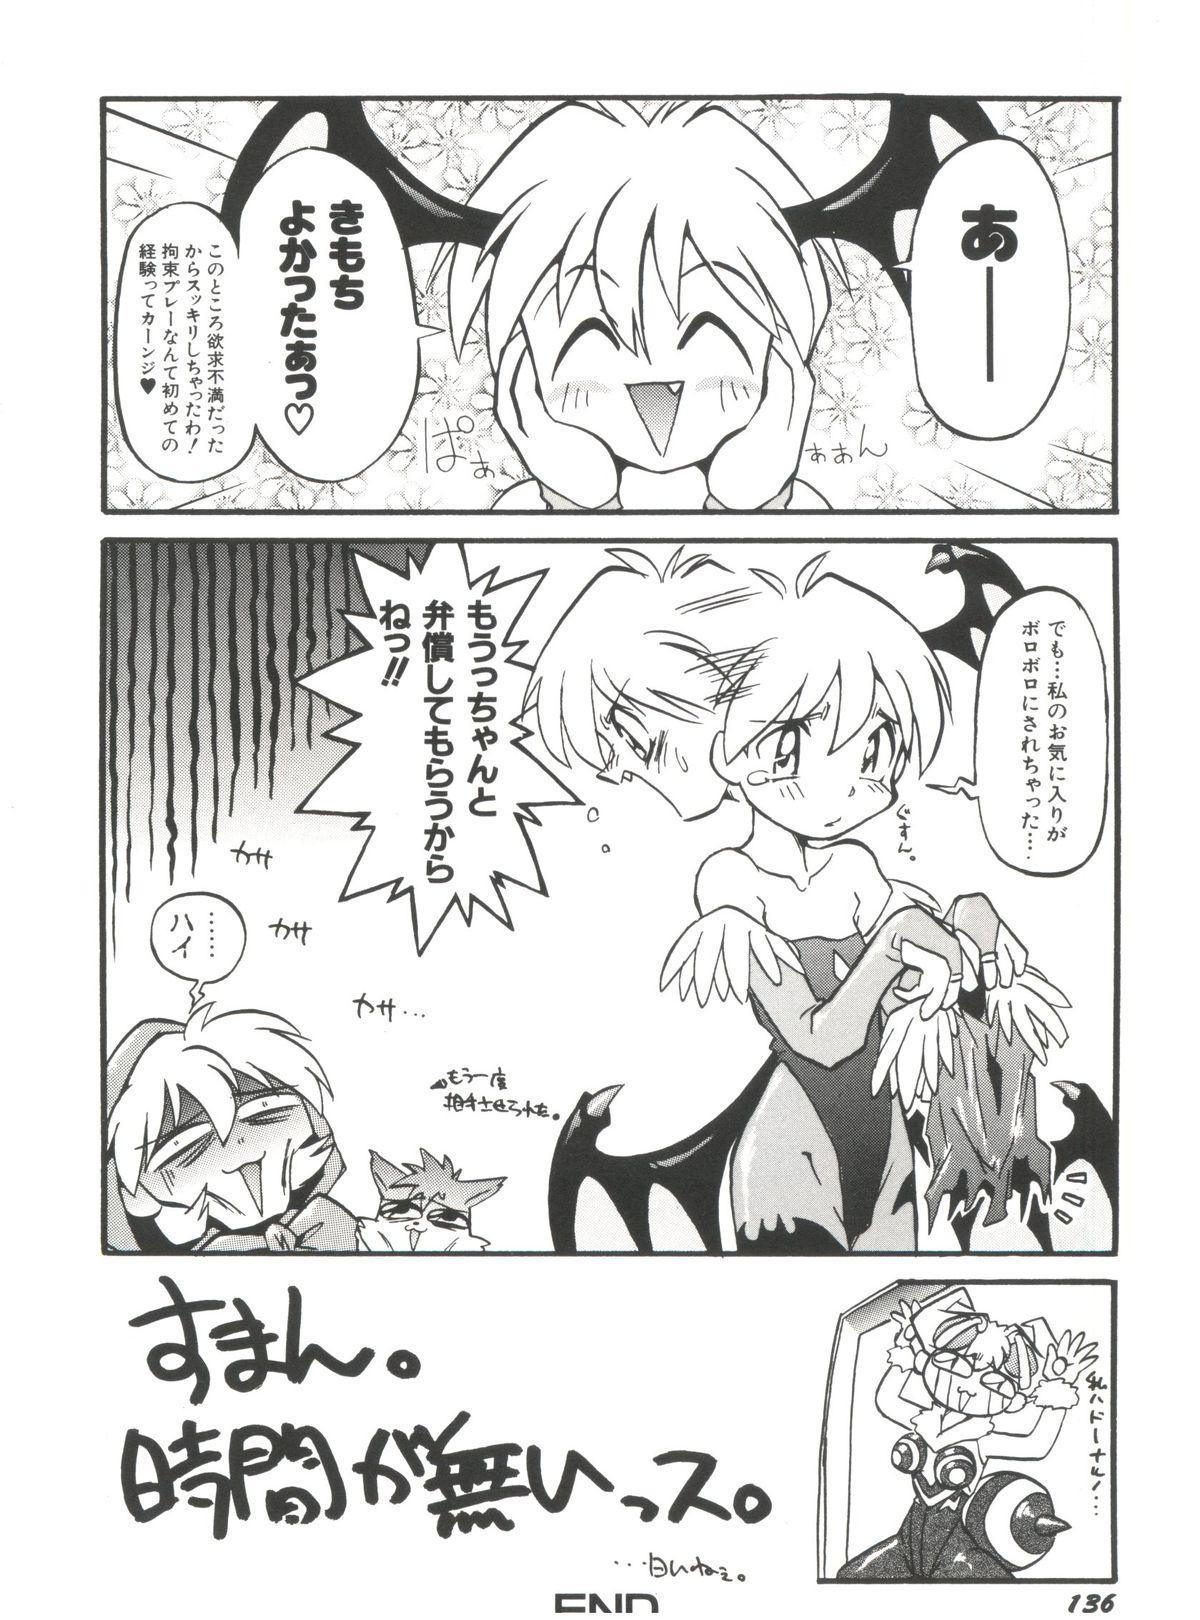 Denei Tamatebako 6 - Nishinhou no Tenshi II 131